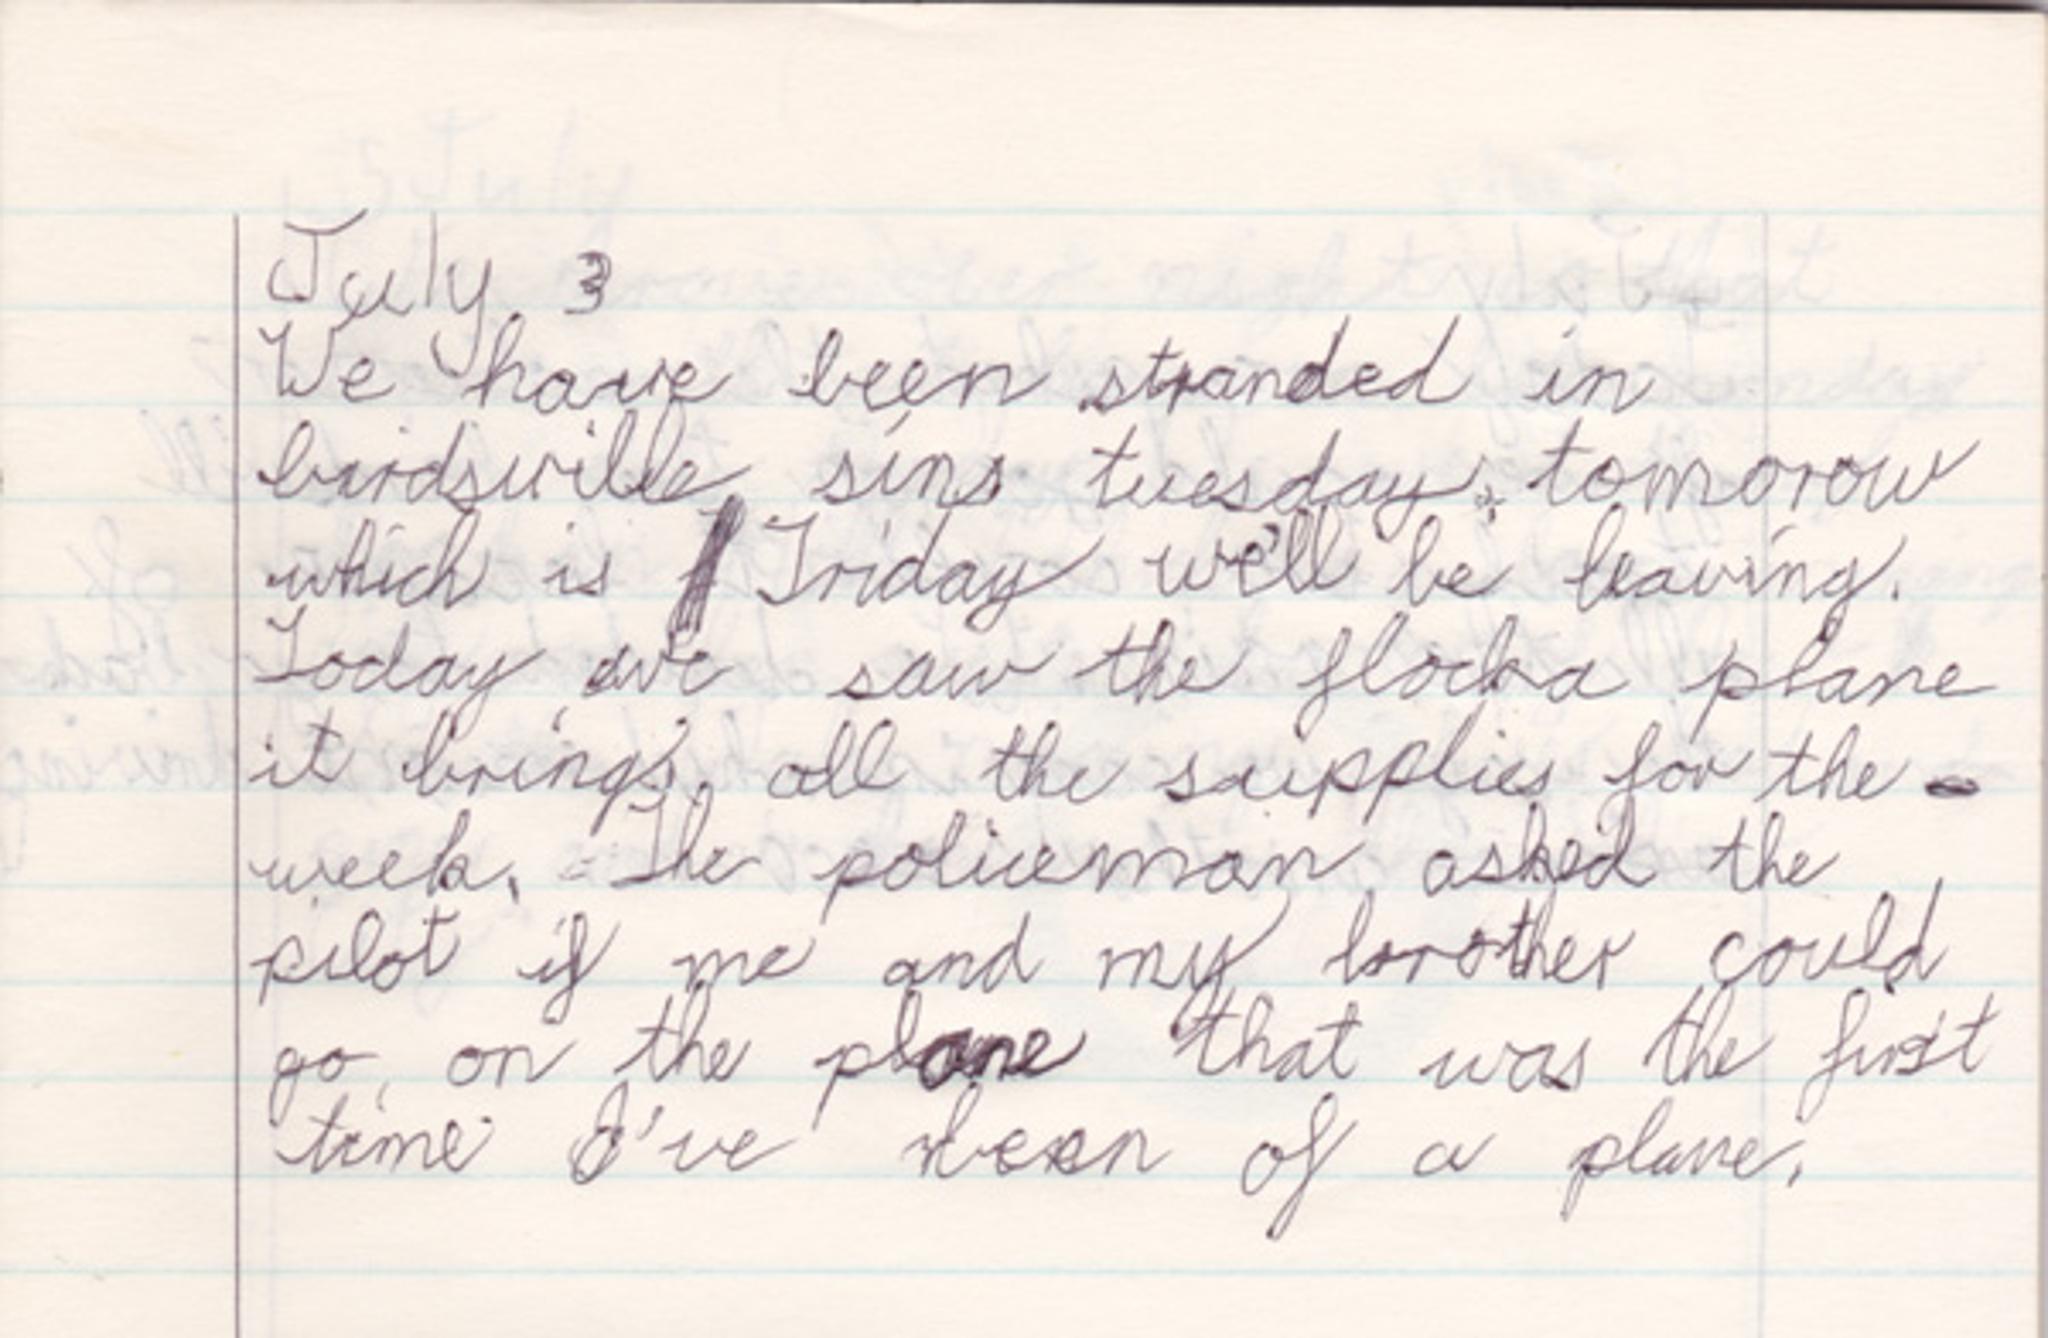 Diary Entry 03-07- 86